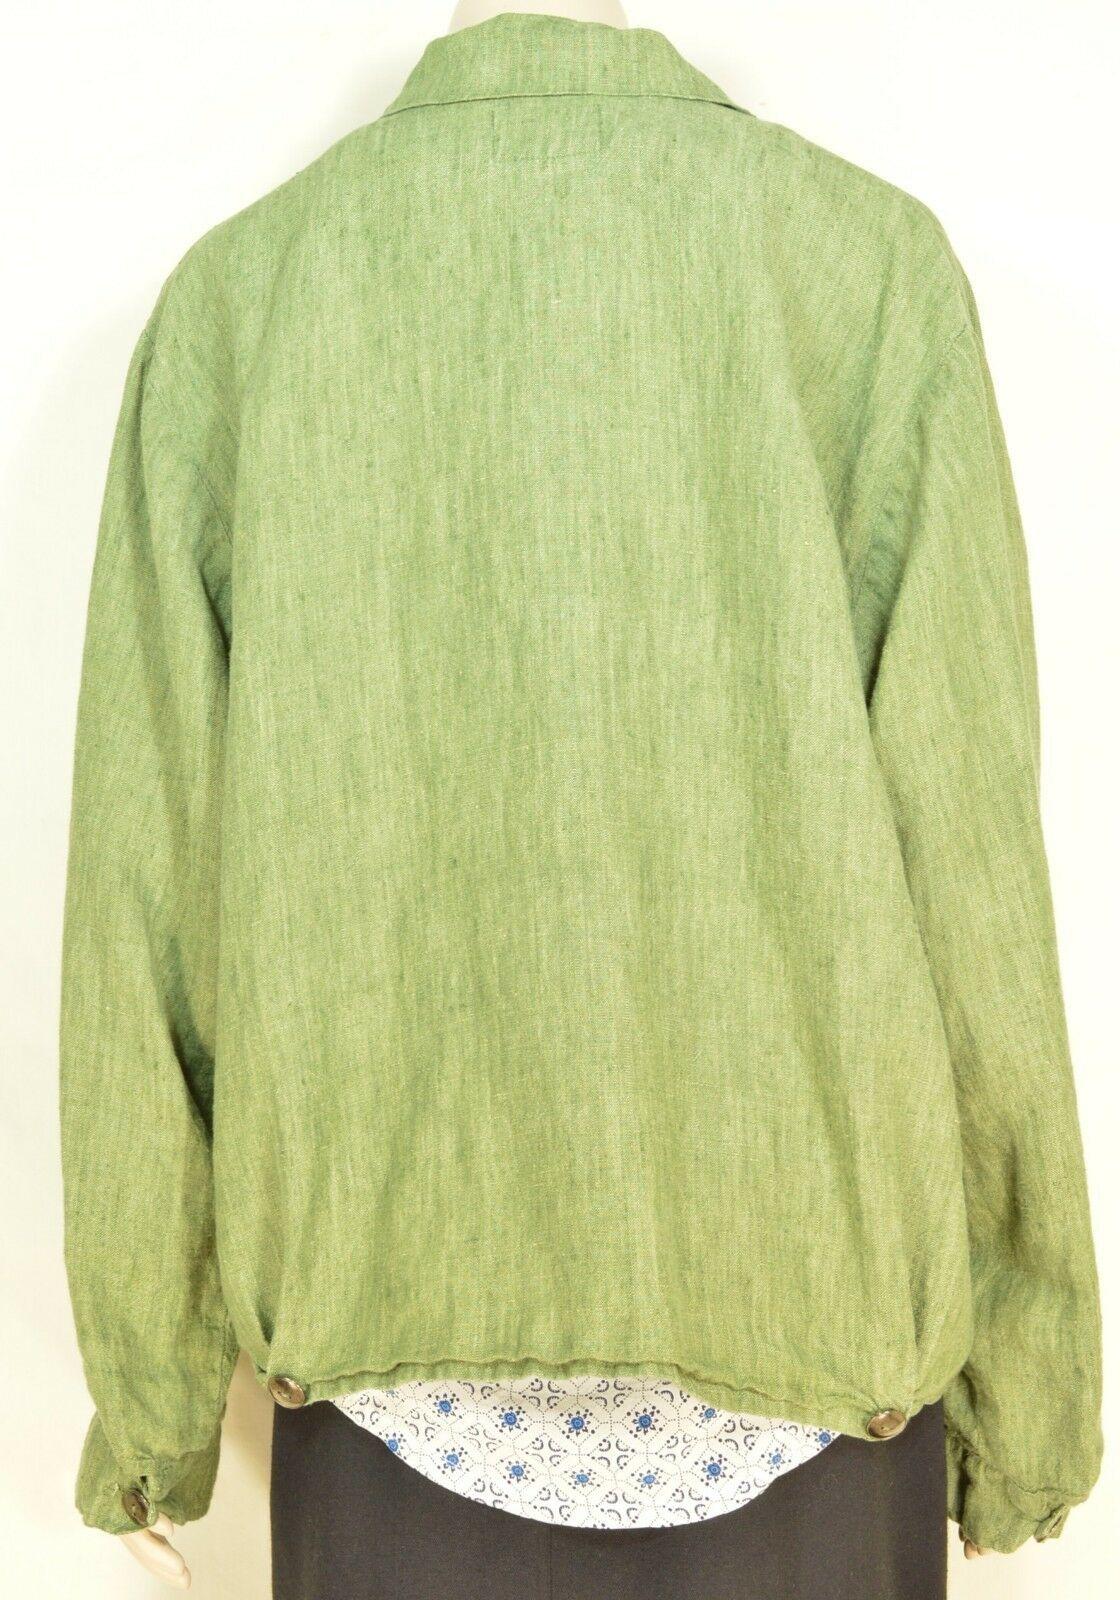 FLAX Engelhart Jacket SZ M green zipper pockets loose 100% linen